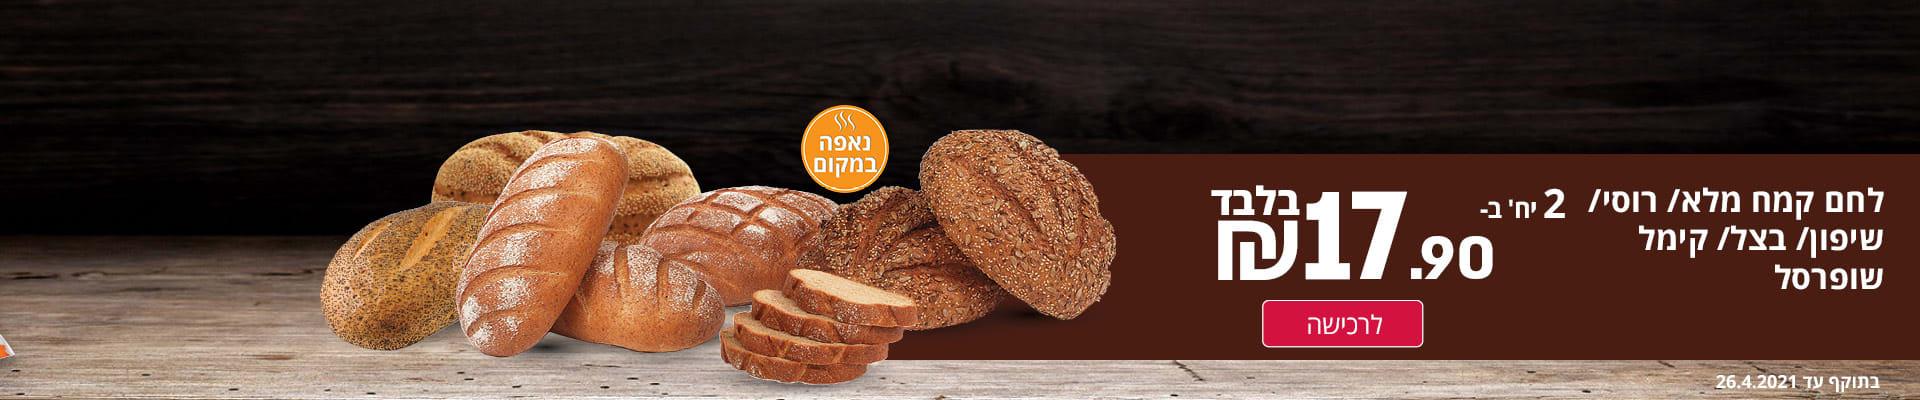 לחם קמח מלא / רוסי / שיפון /בצל /קימל שופרסל 2 יח' ב- 17.90 ₪ בלבד לרכישה בתוקף עד 26.4.2021